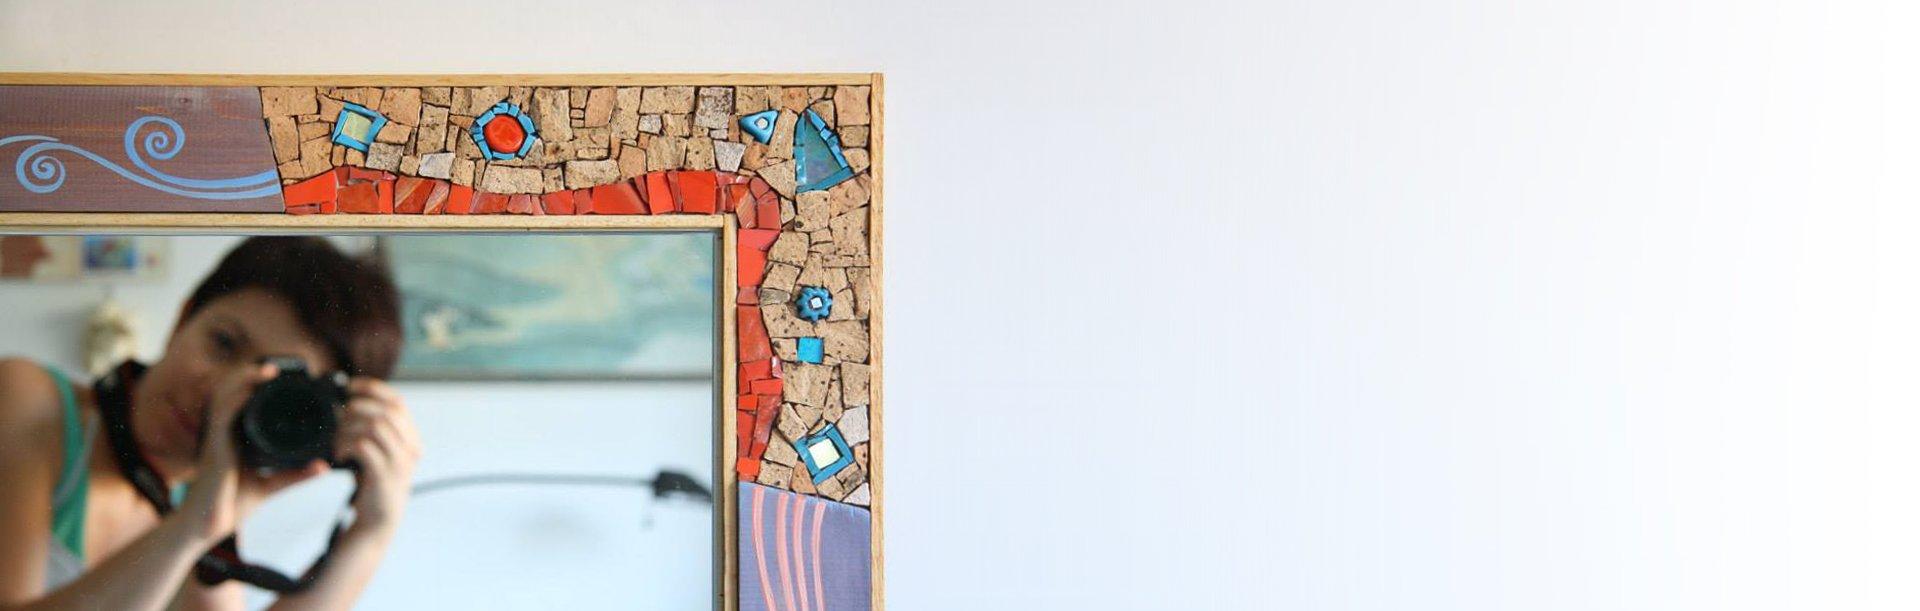 Specchi In Mosaico Creazioni Artigianali Di Simona Canino